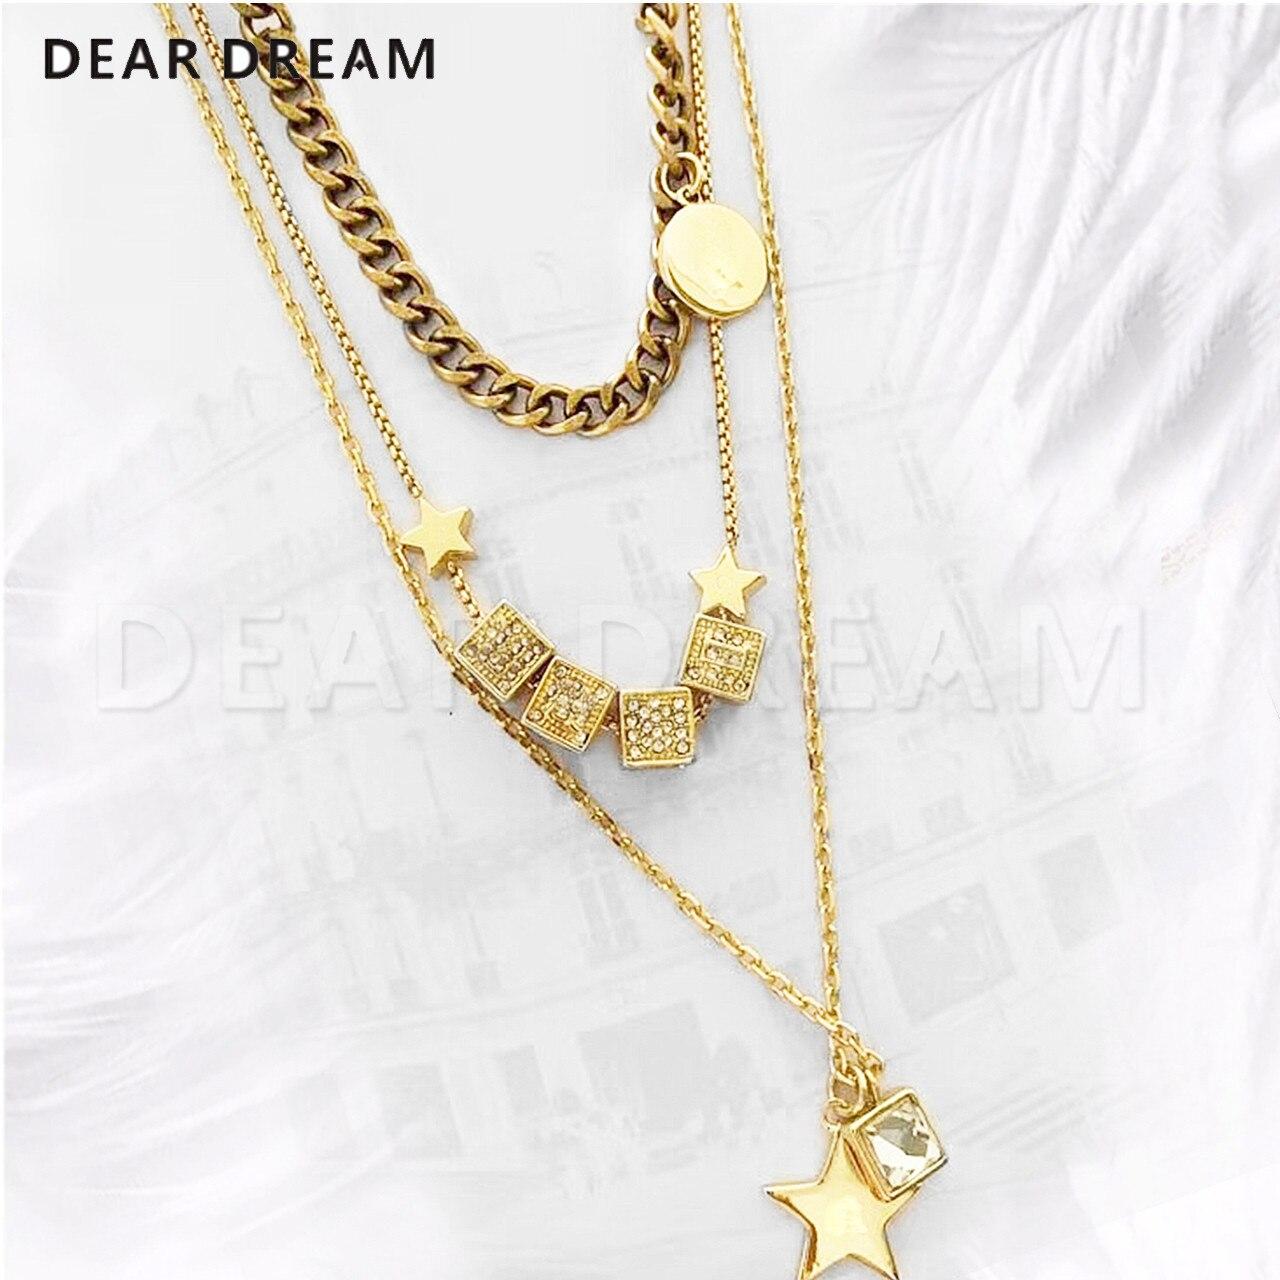 2019 nouveau mode carré série étoile pendentif 3 couche collier de mode de luxe collier bijoux cadeau